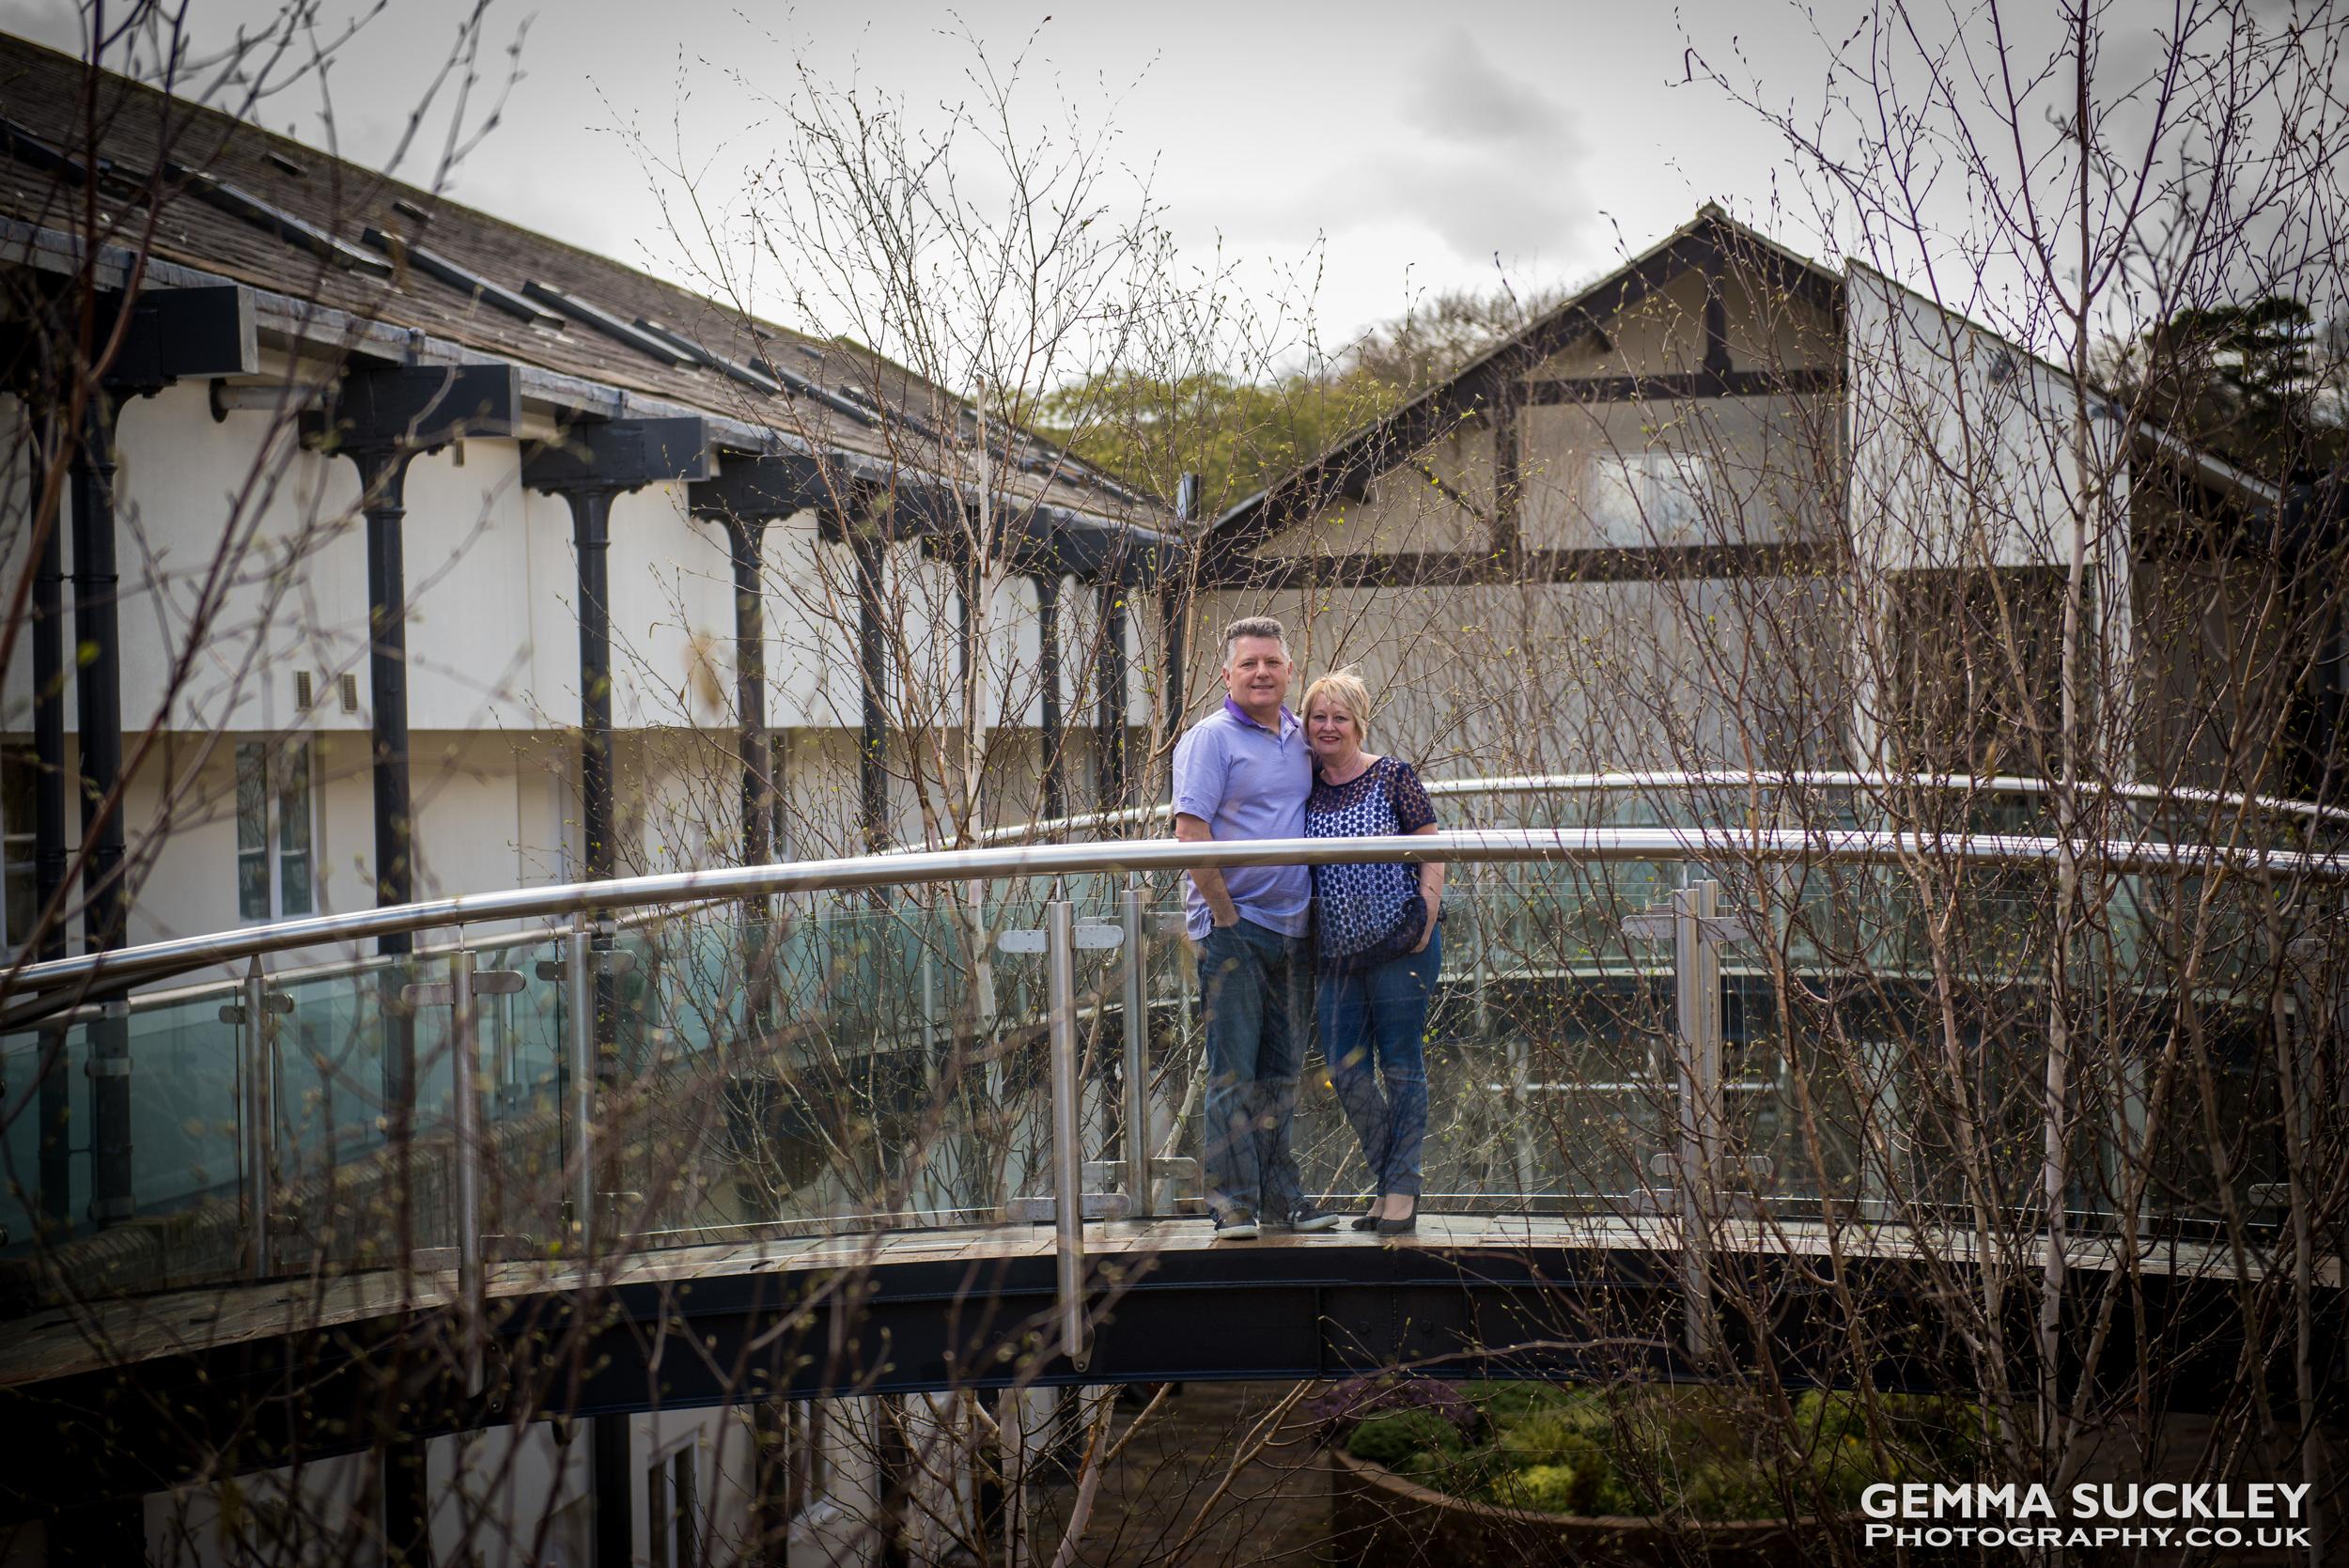 Chris-and-Steve's-engagement-shoot-7.jpg